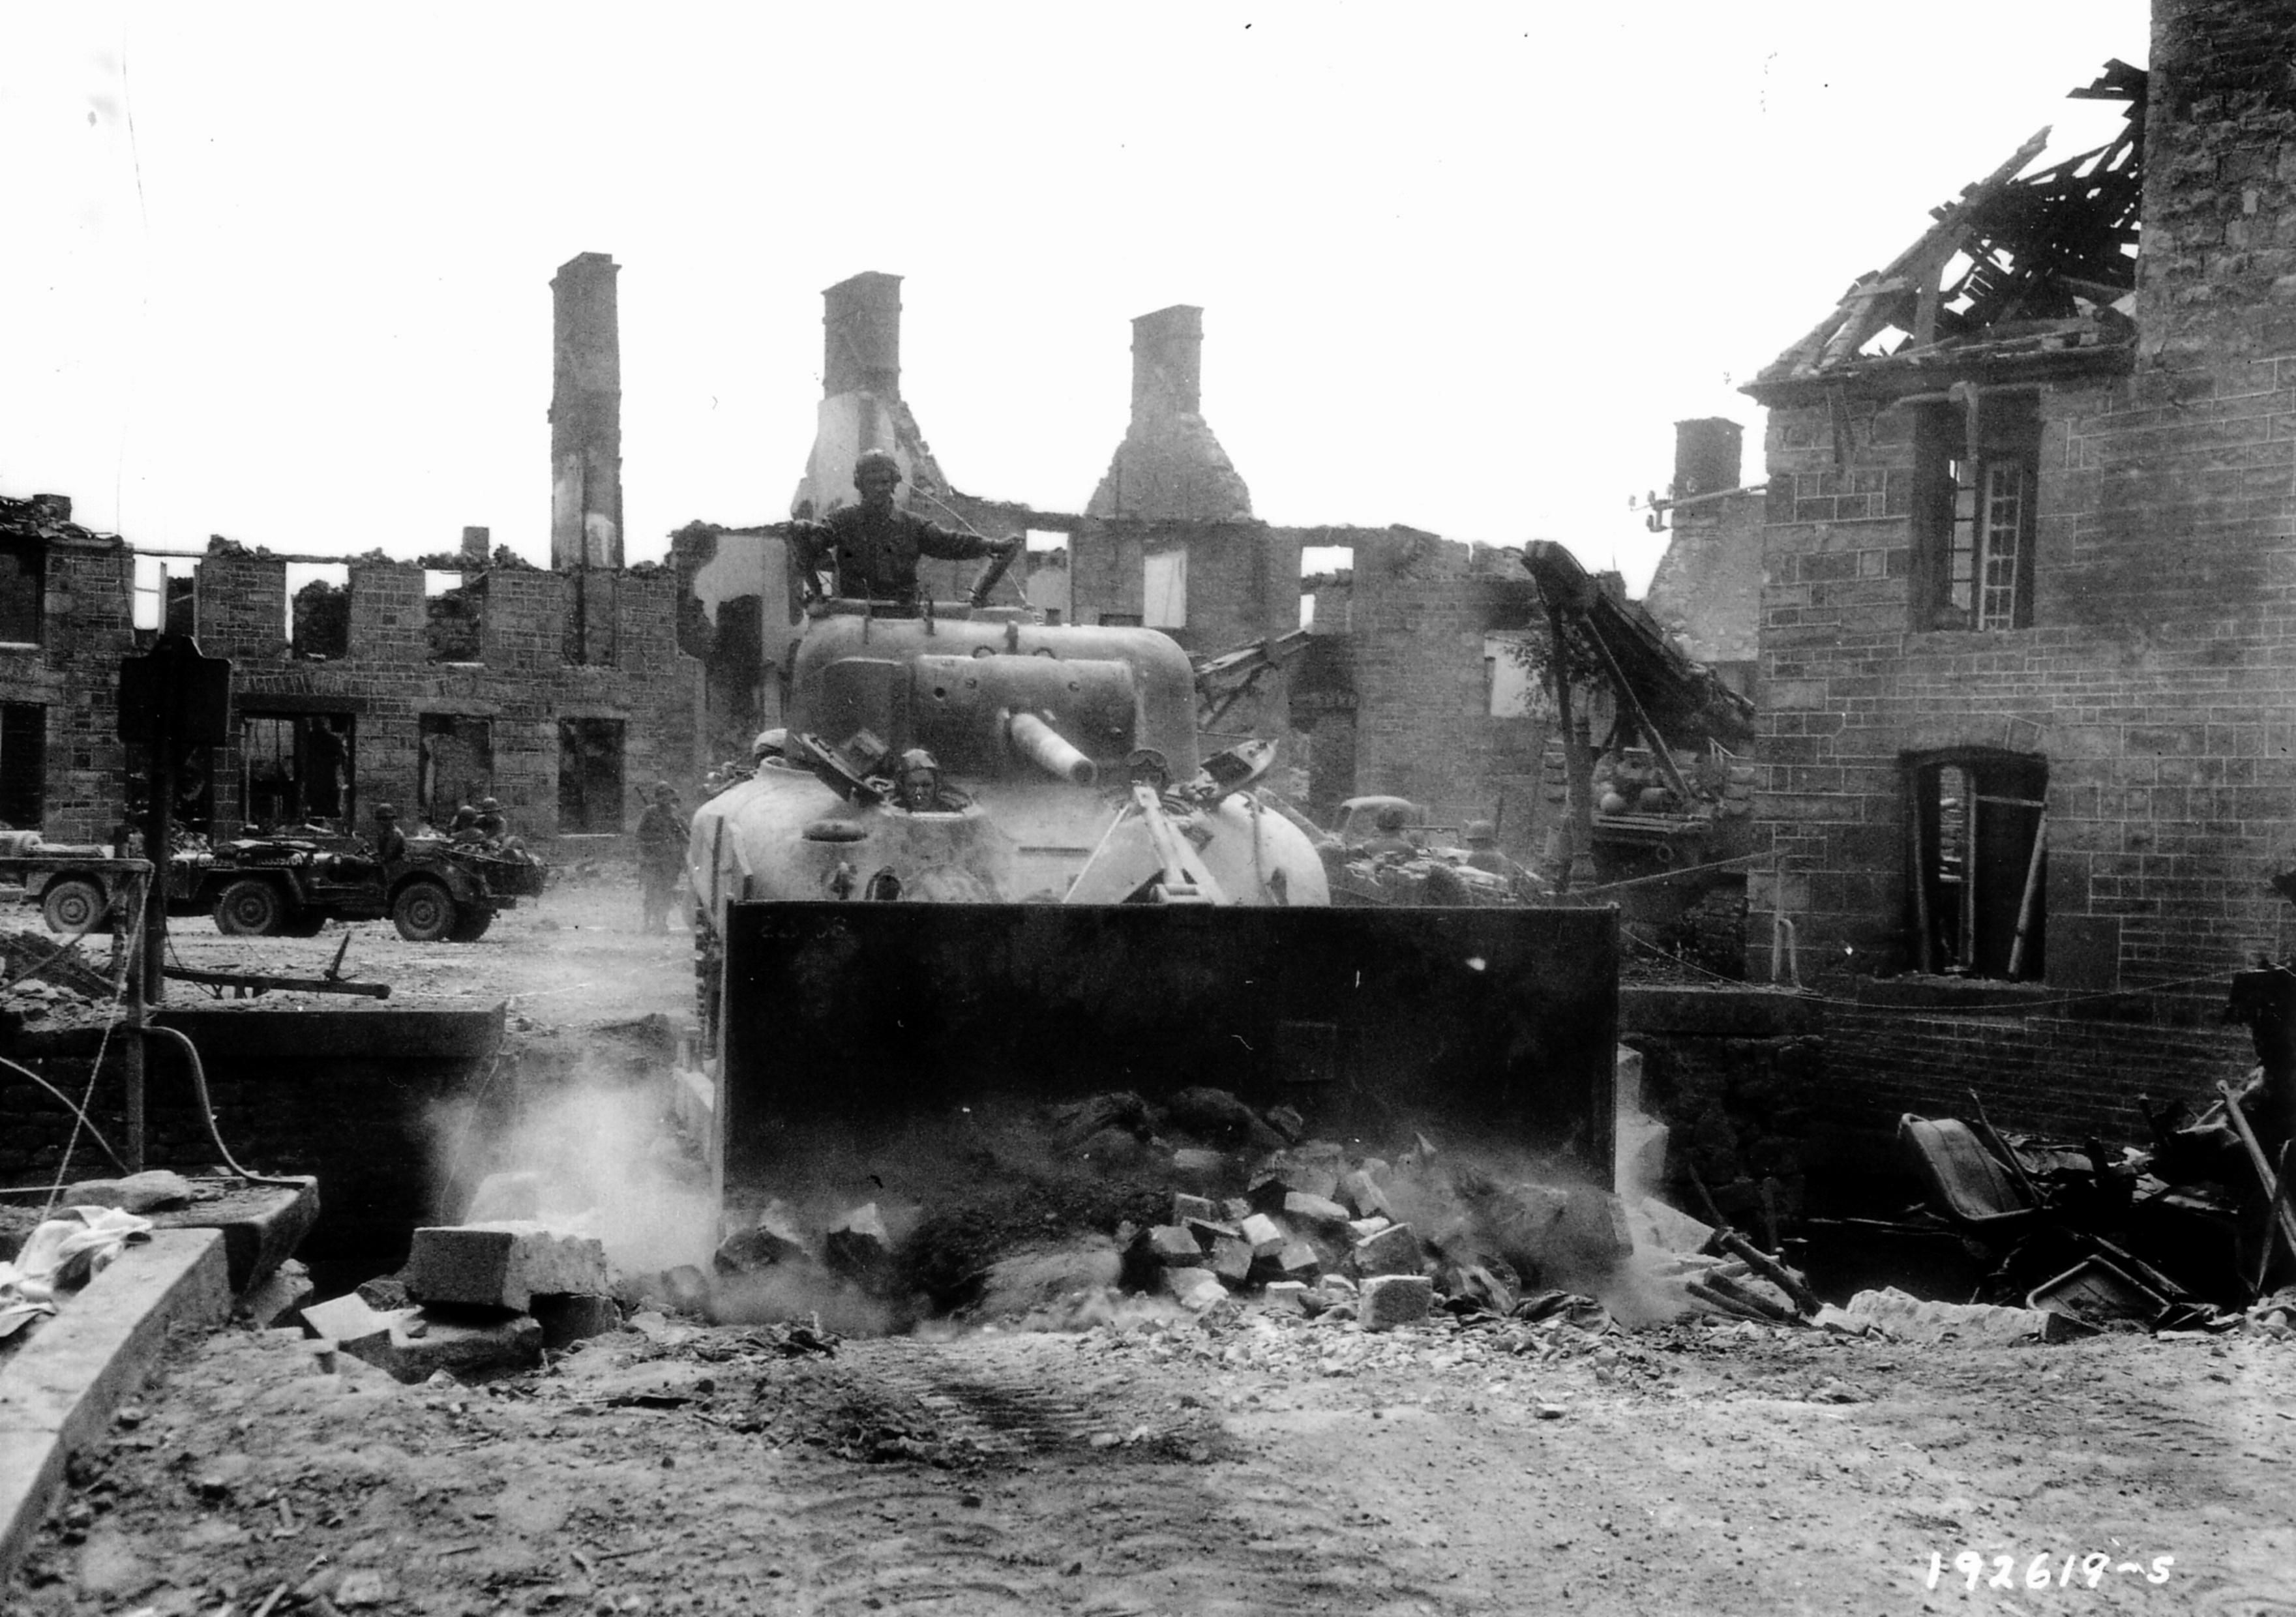 Tankdozer van de 17th Engineers, vlakschuiven van de opgeblazen brug bij de rivier Egrenne in de stad Saint-Sauveur-le Vicomte, the river Ögren (Egrenne)